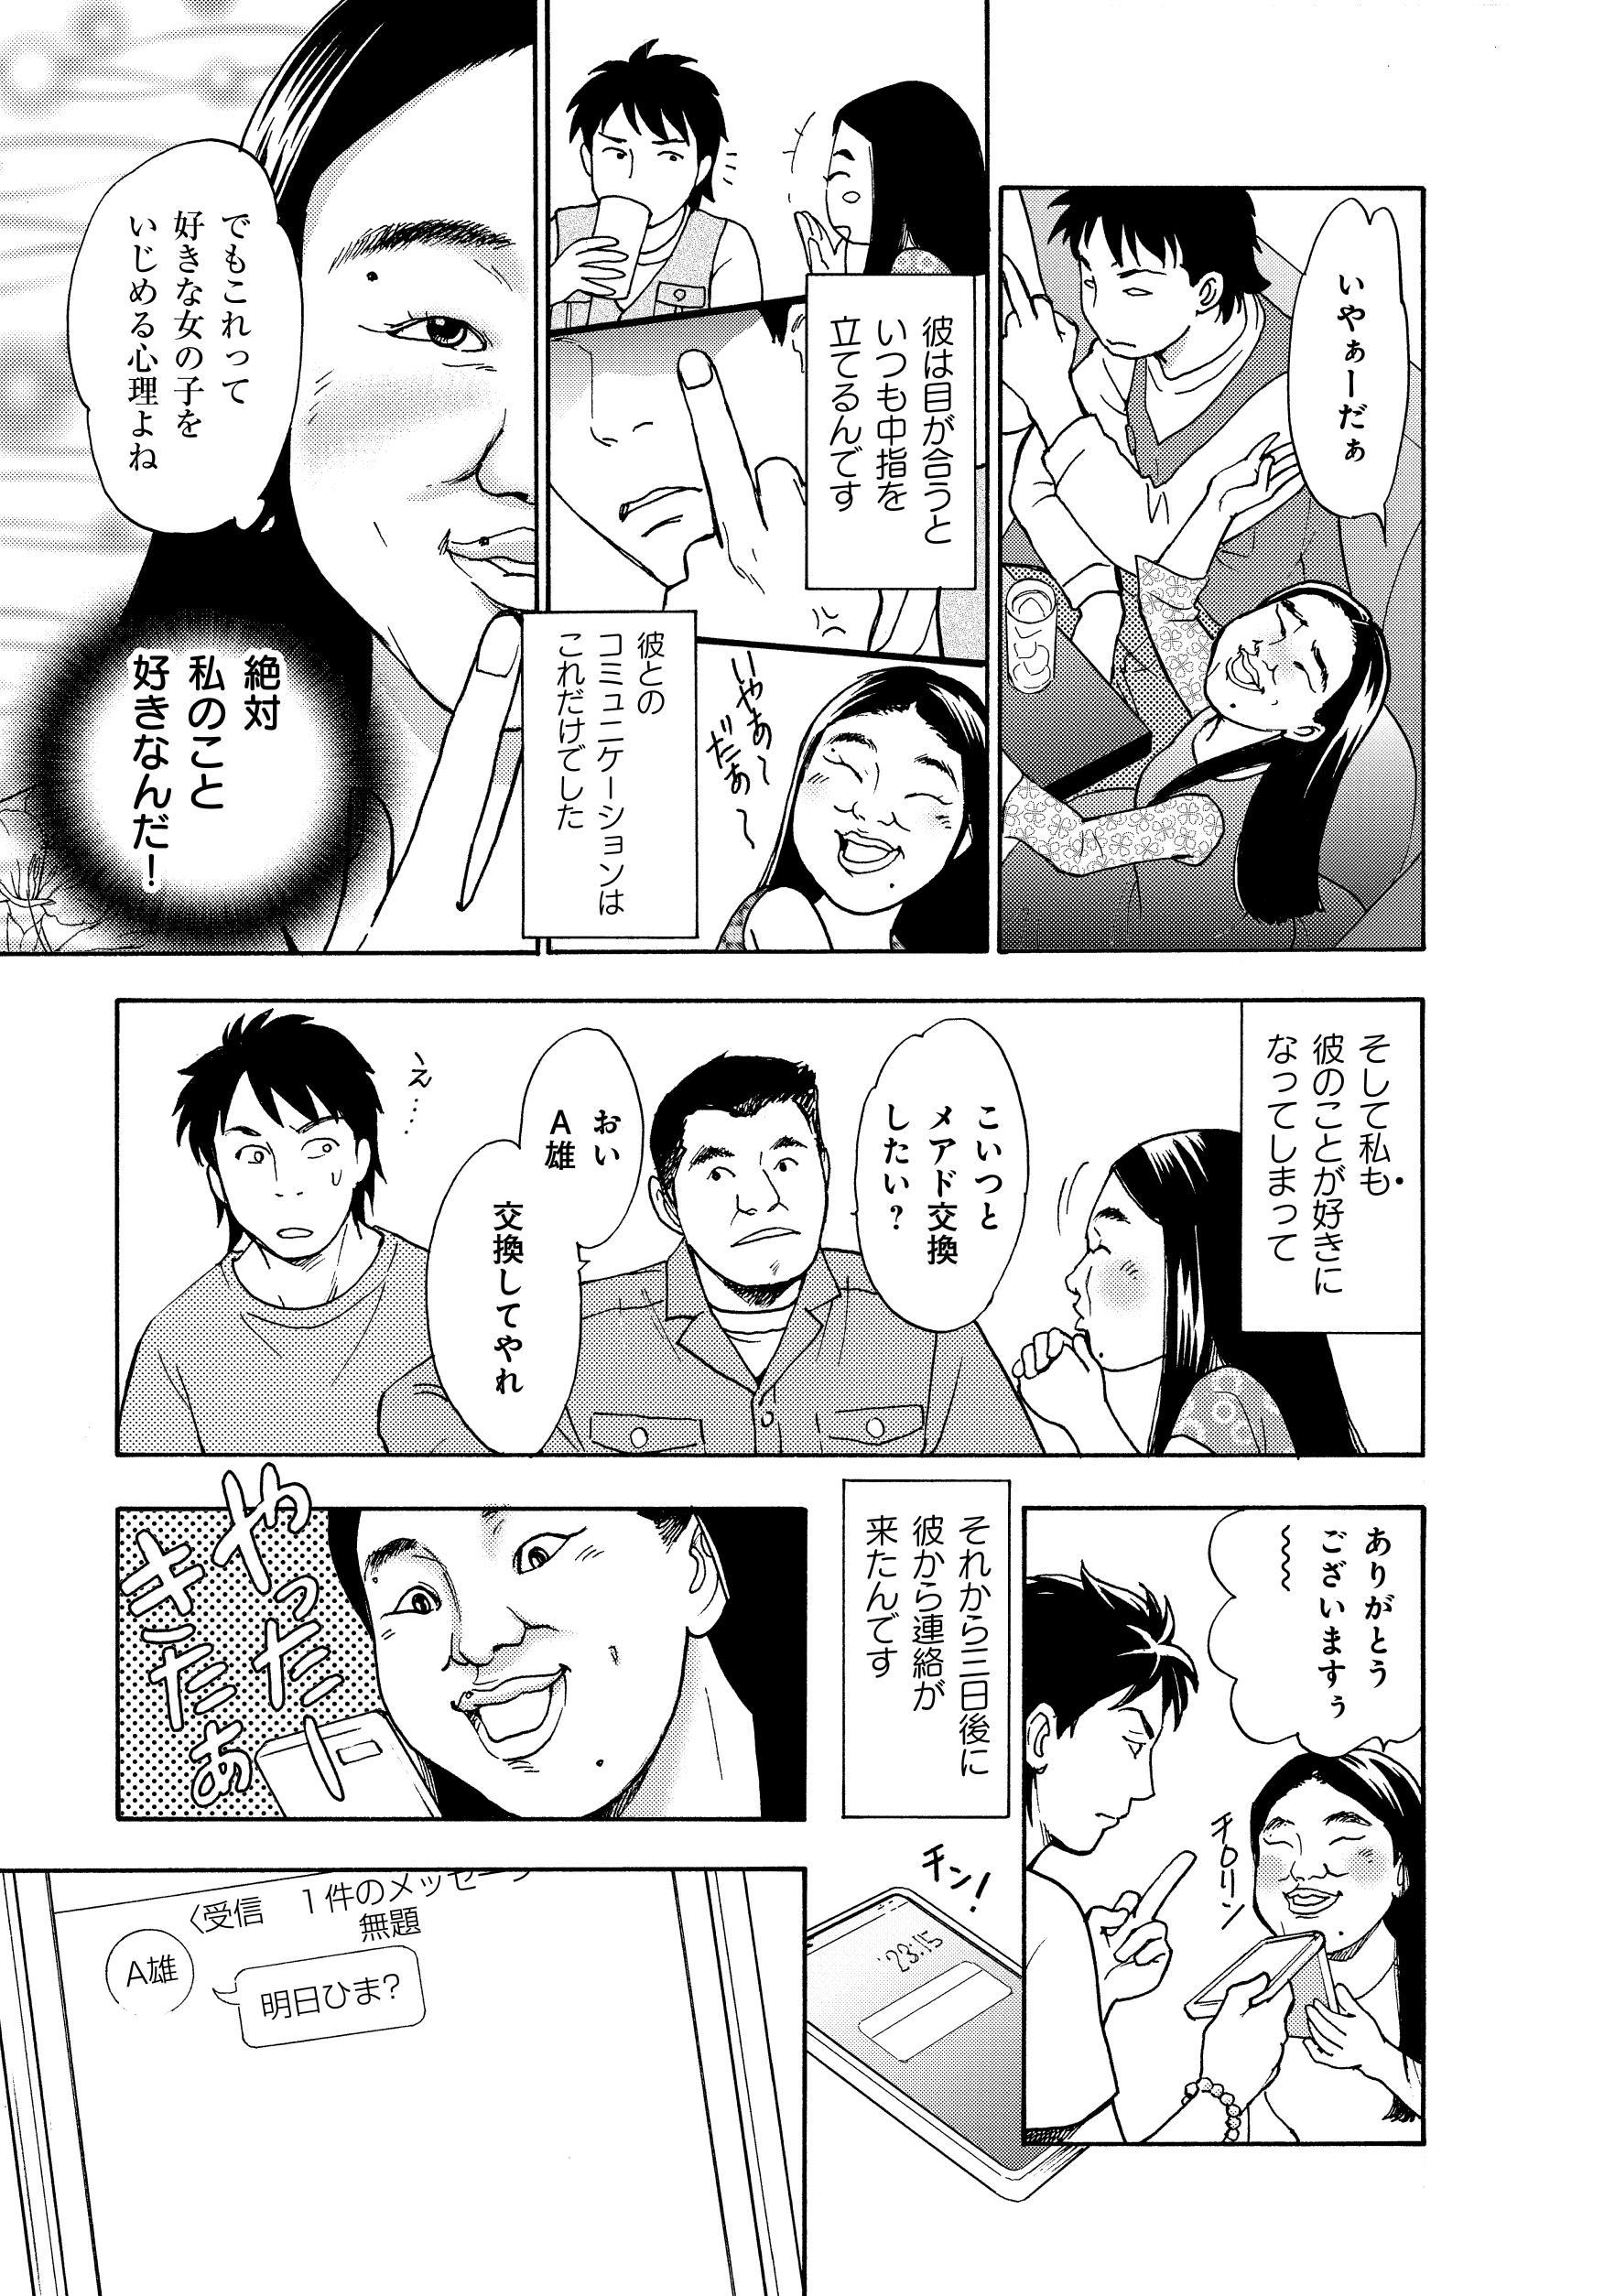 原作特集_167.jpg